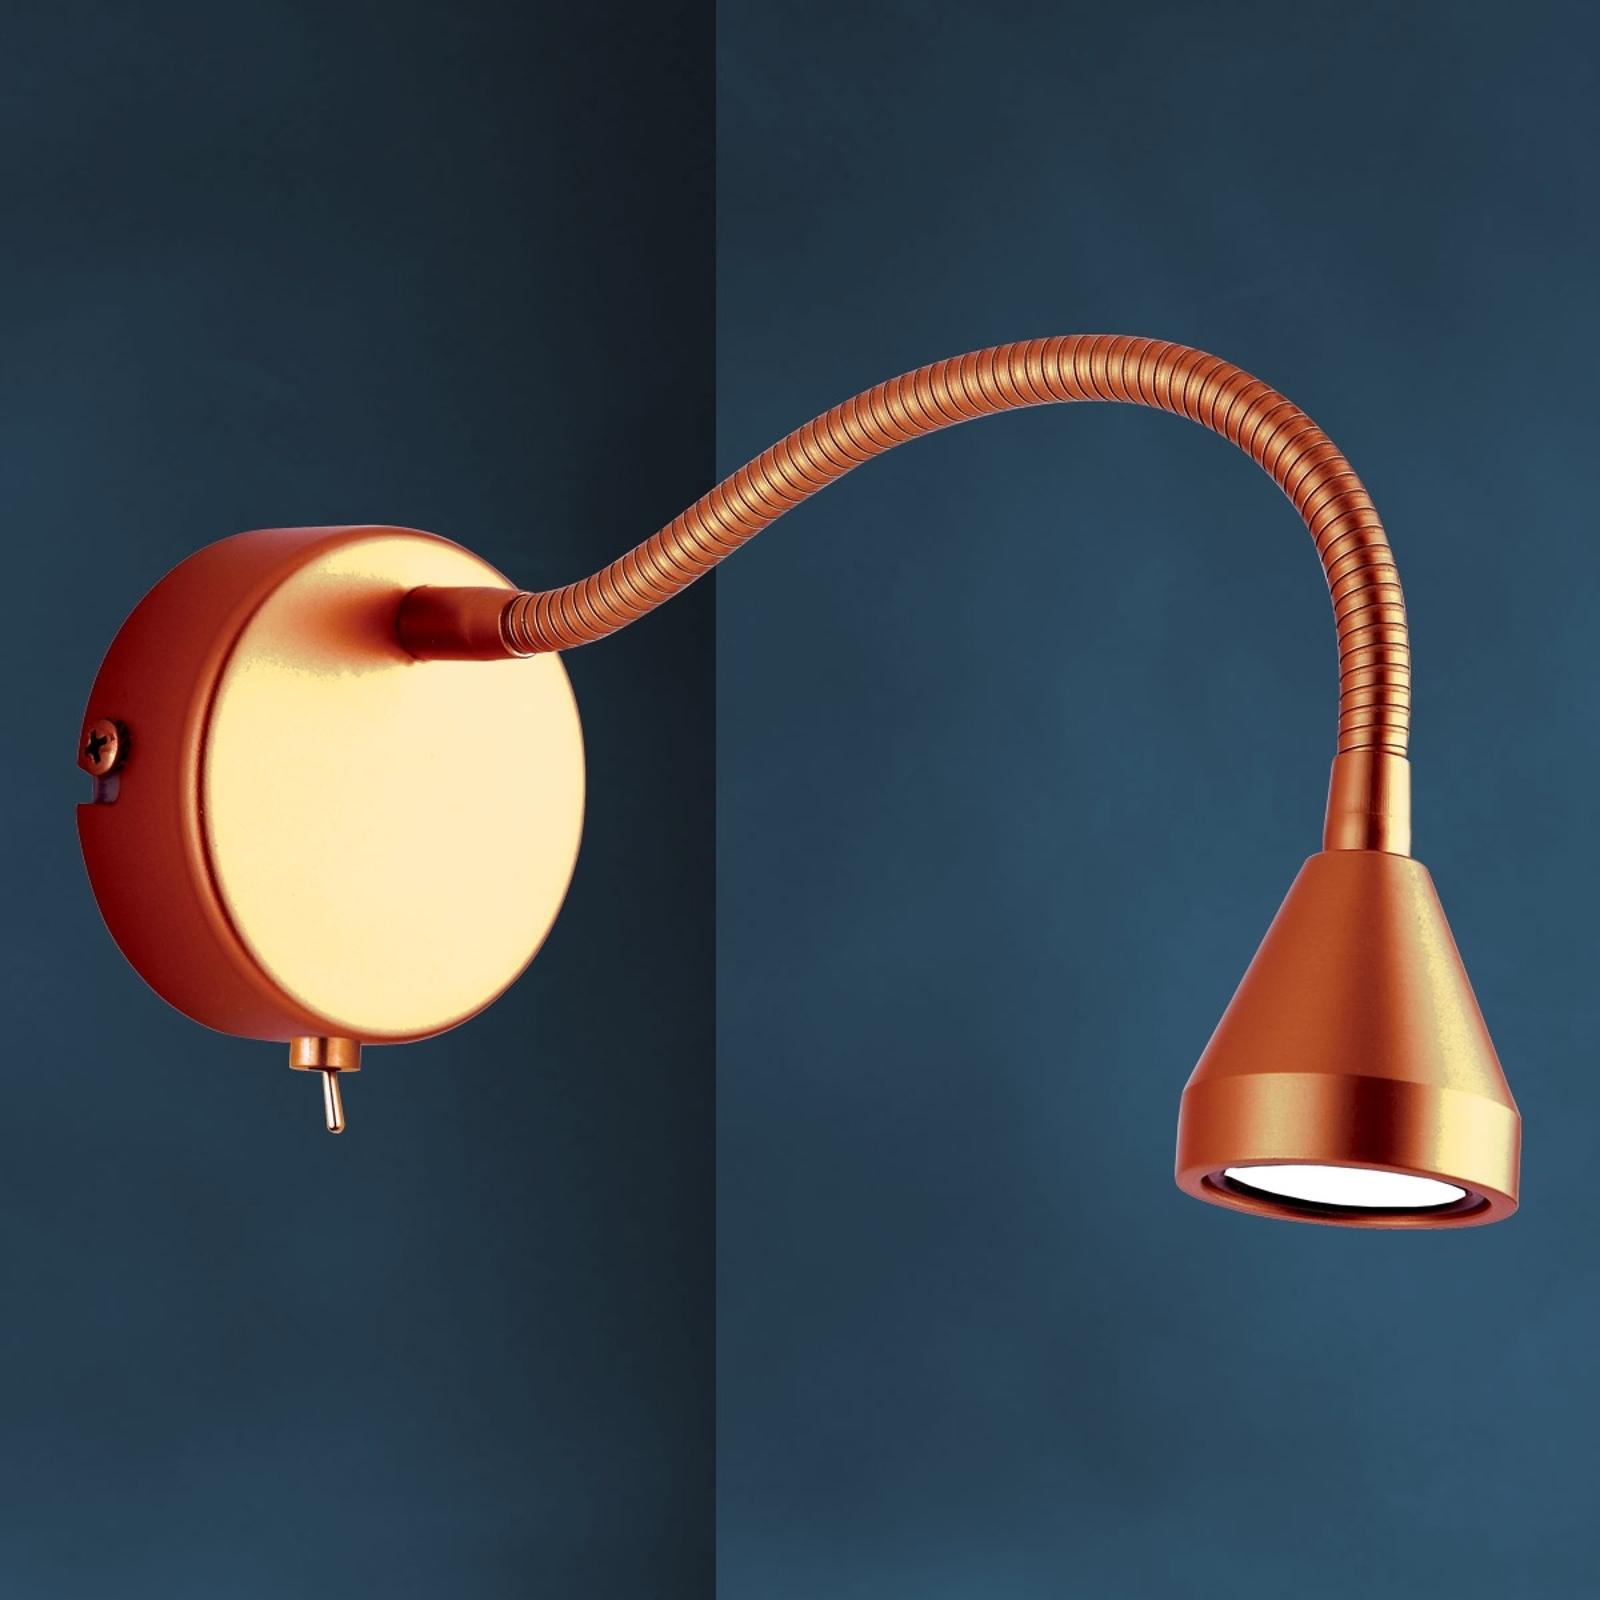 Flexibilné nástenné LED svetlo MINI antický dizajn_1524049_1